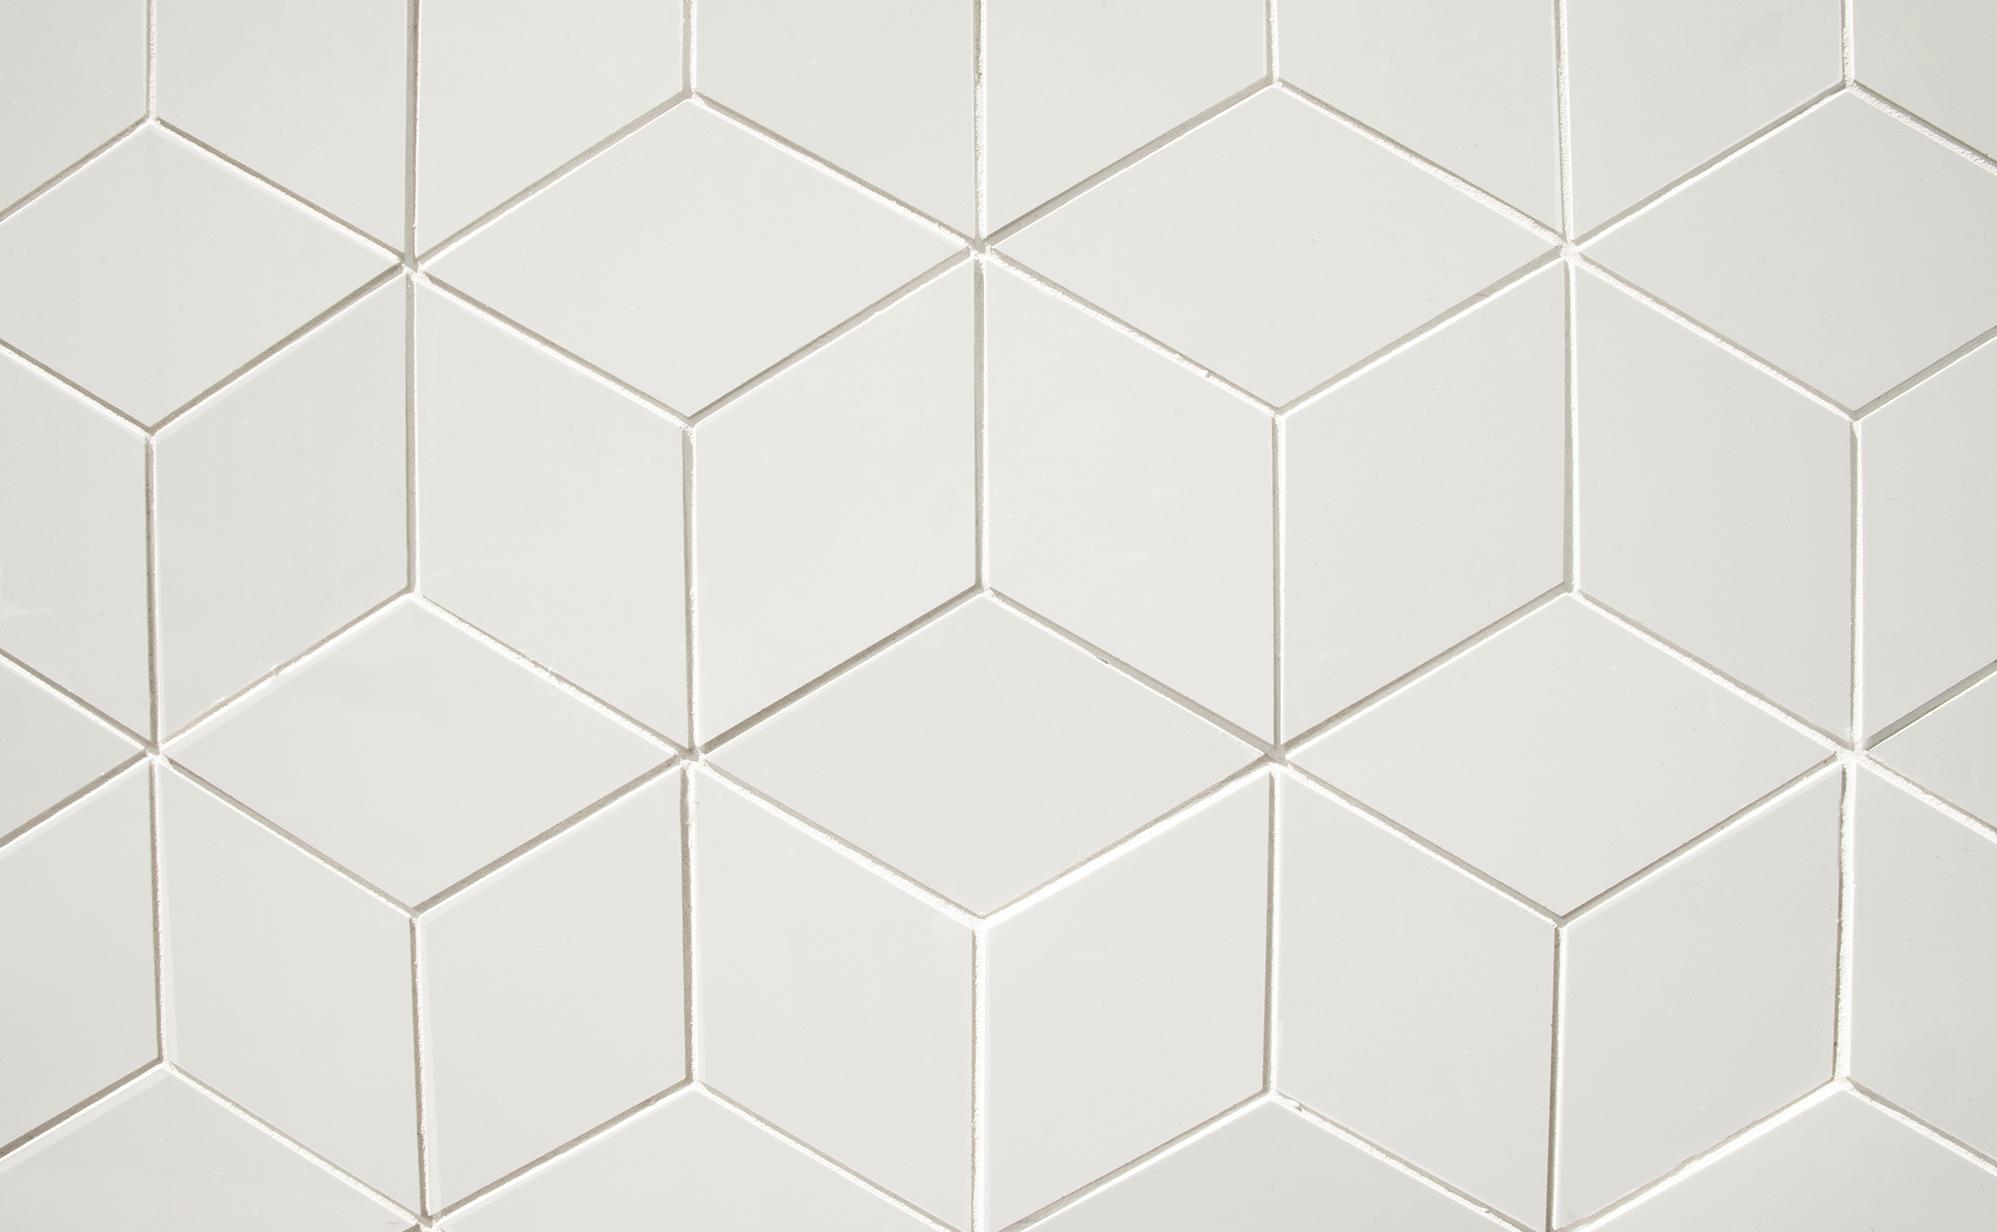 Crown 515-Smart Design Studio-The Local Project-Australian Architecture & Design-Image 7